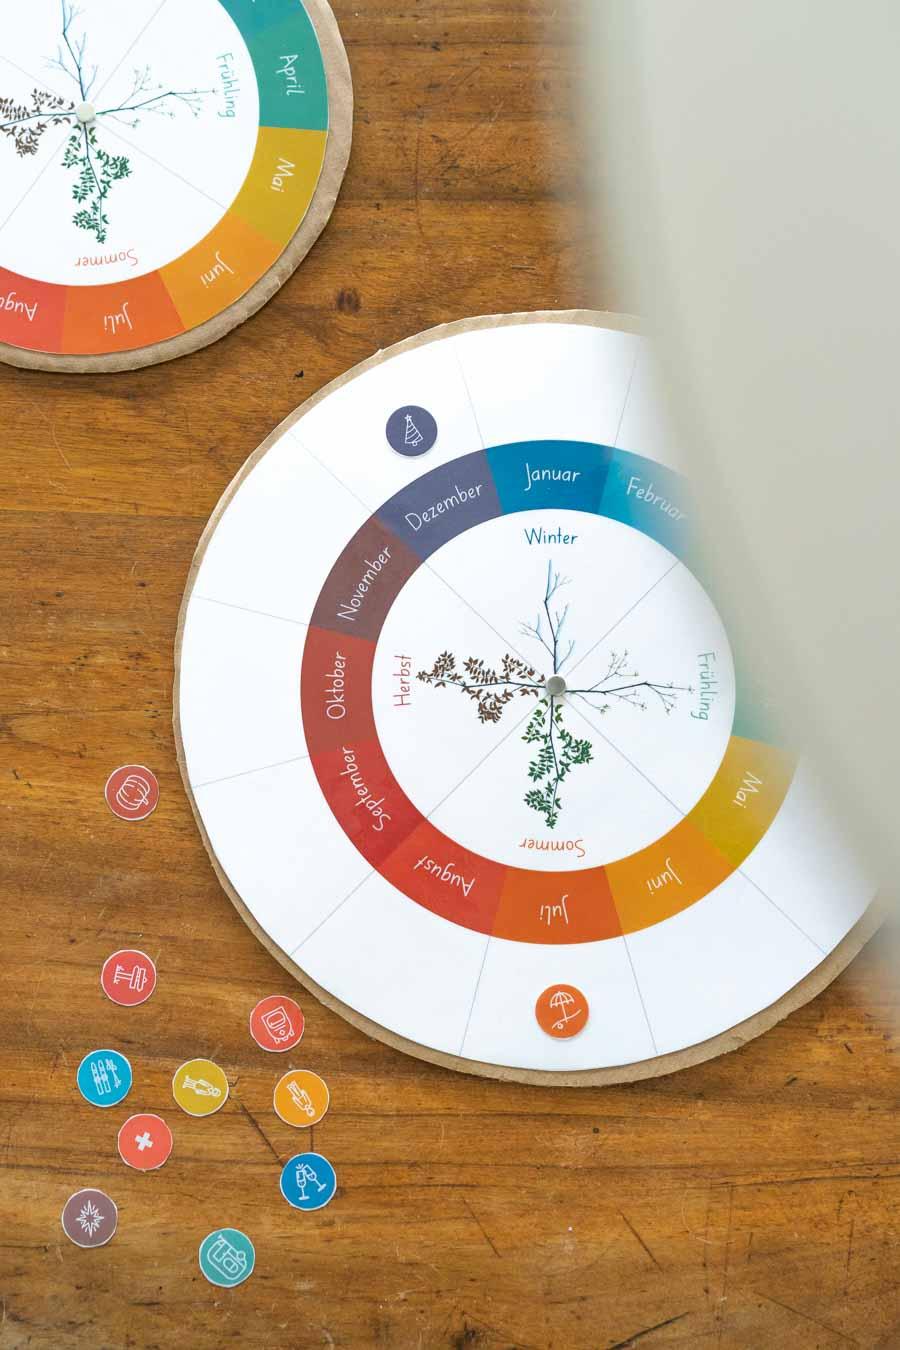 Druckvolage Jahreskreis mit Festtags-Icons